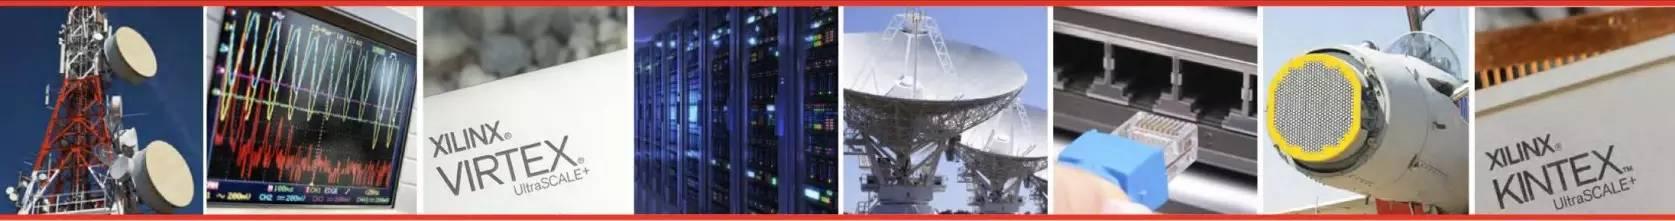 赛灵思绝招公司宣布其Virtex UltraScal...